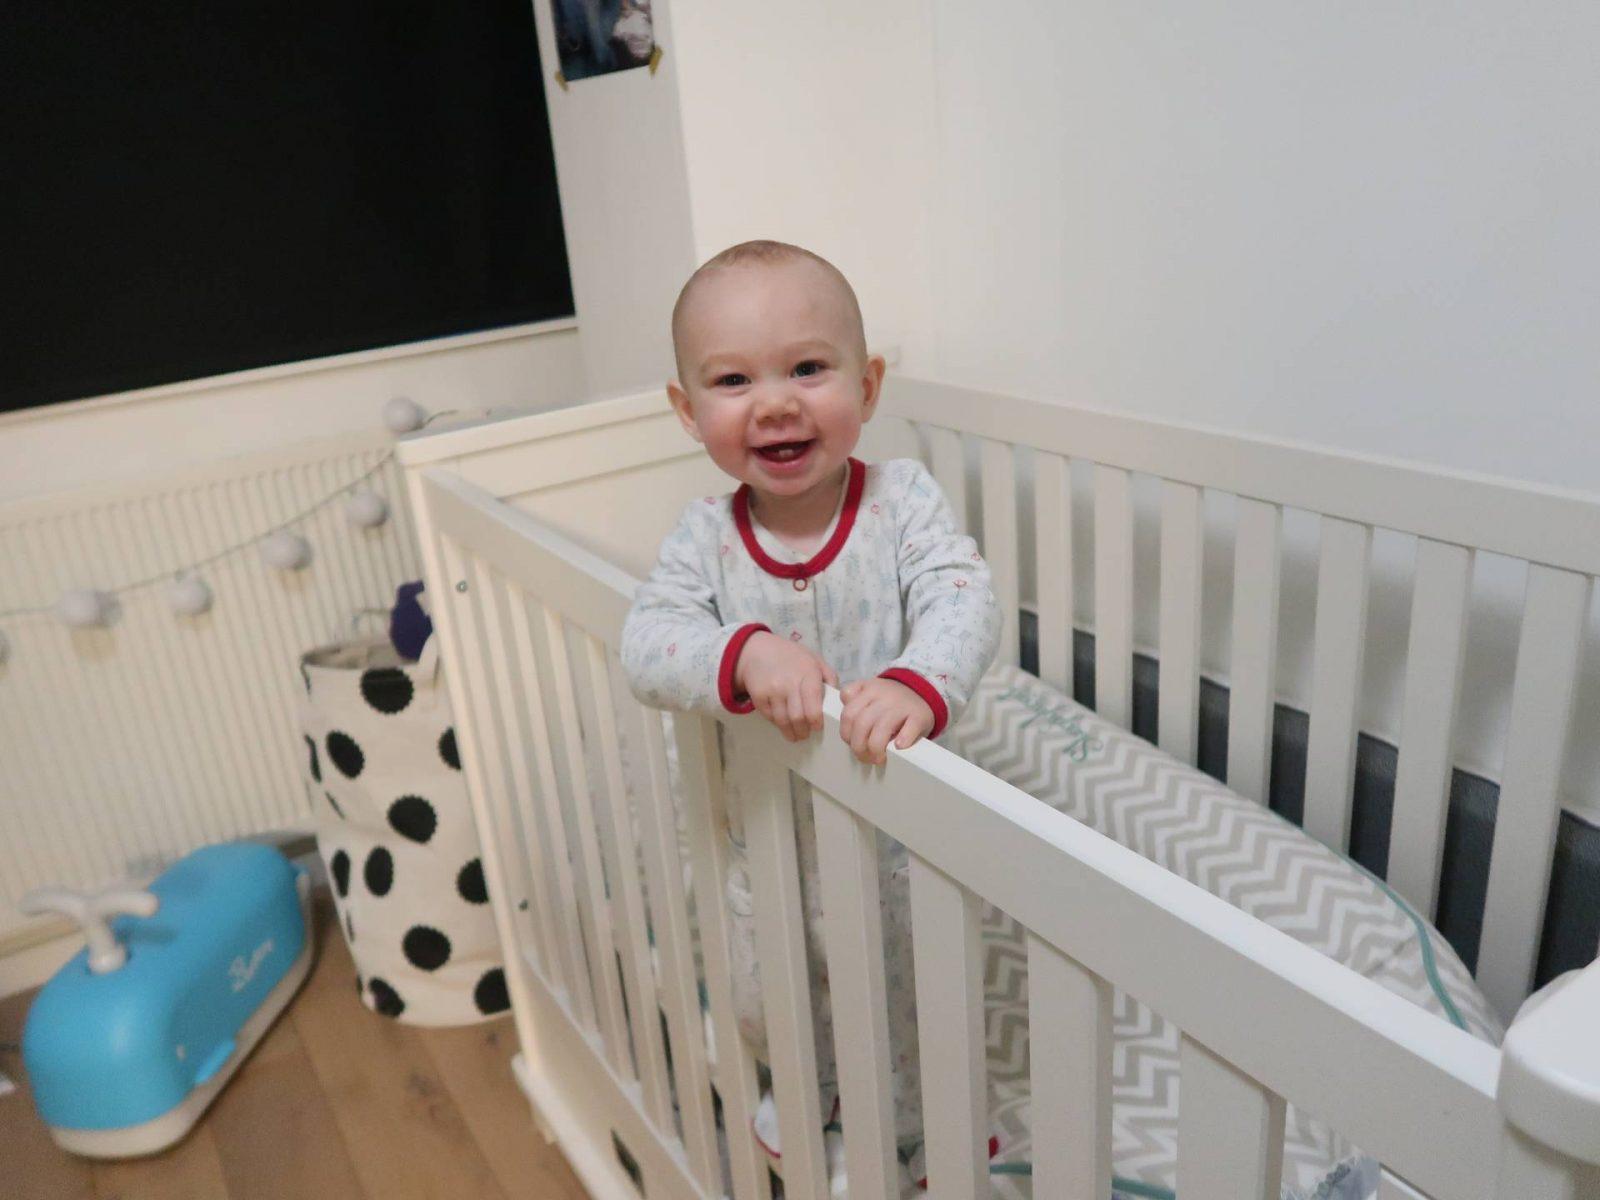 Hapjes & een baby met krampen